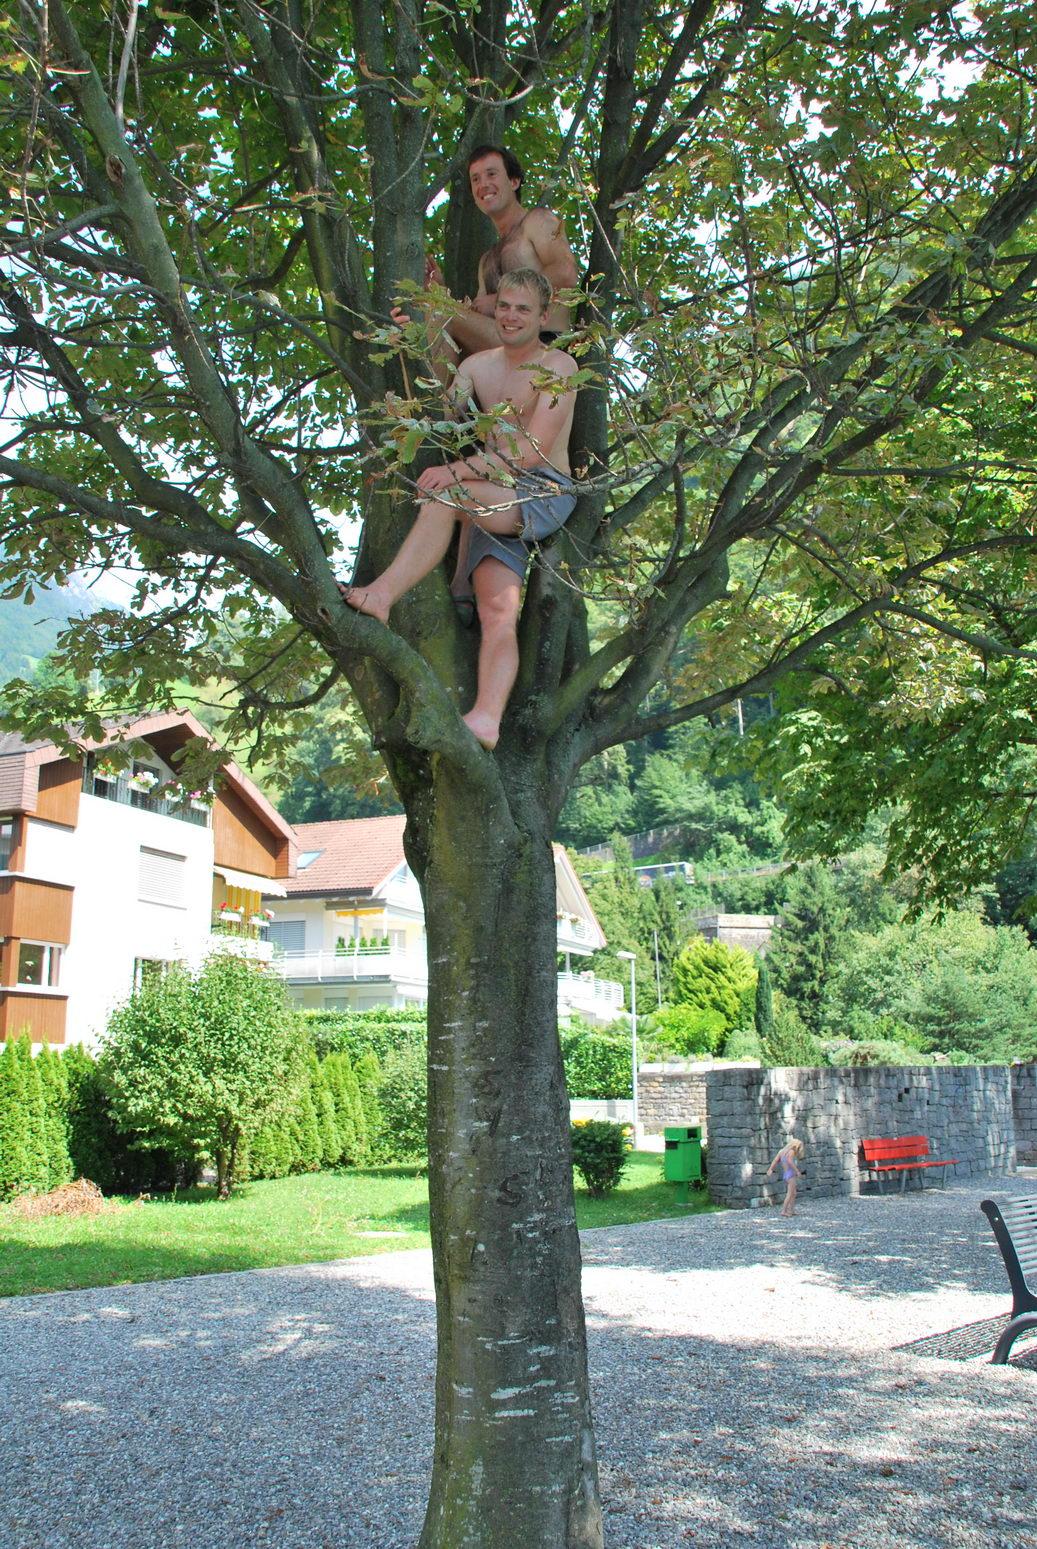 lads-in-tree-swiss-o-week-switzerland